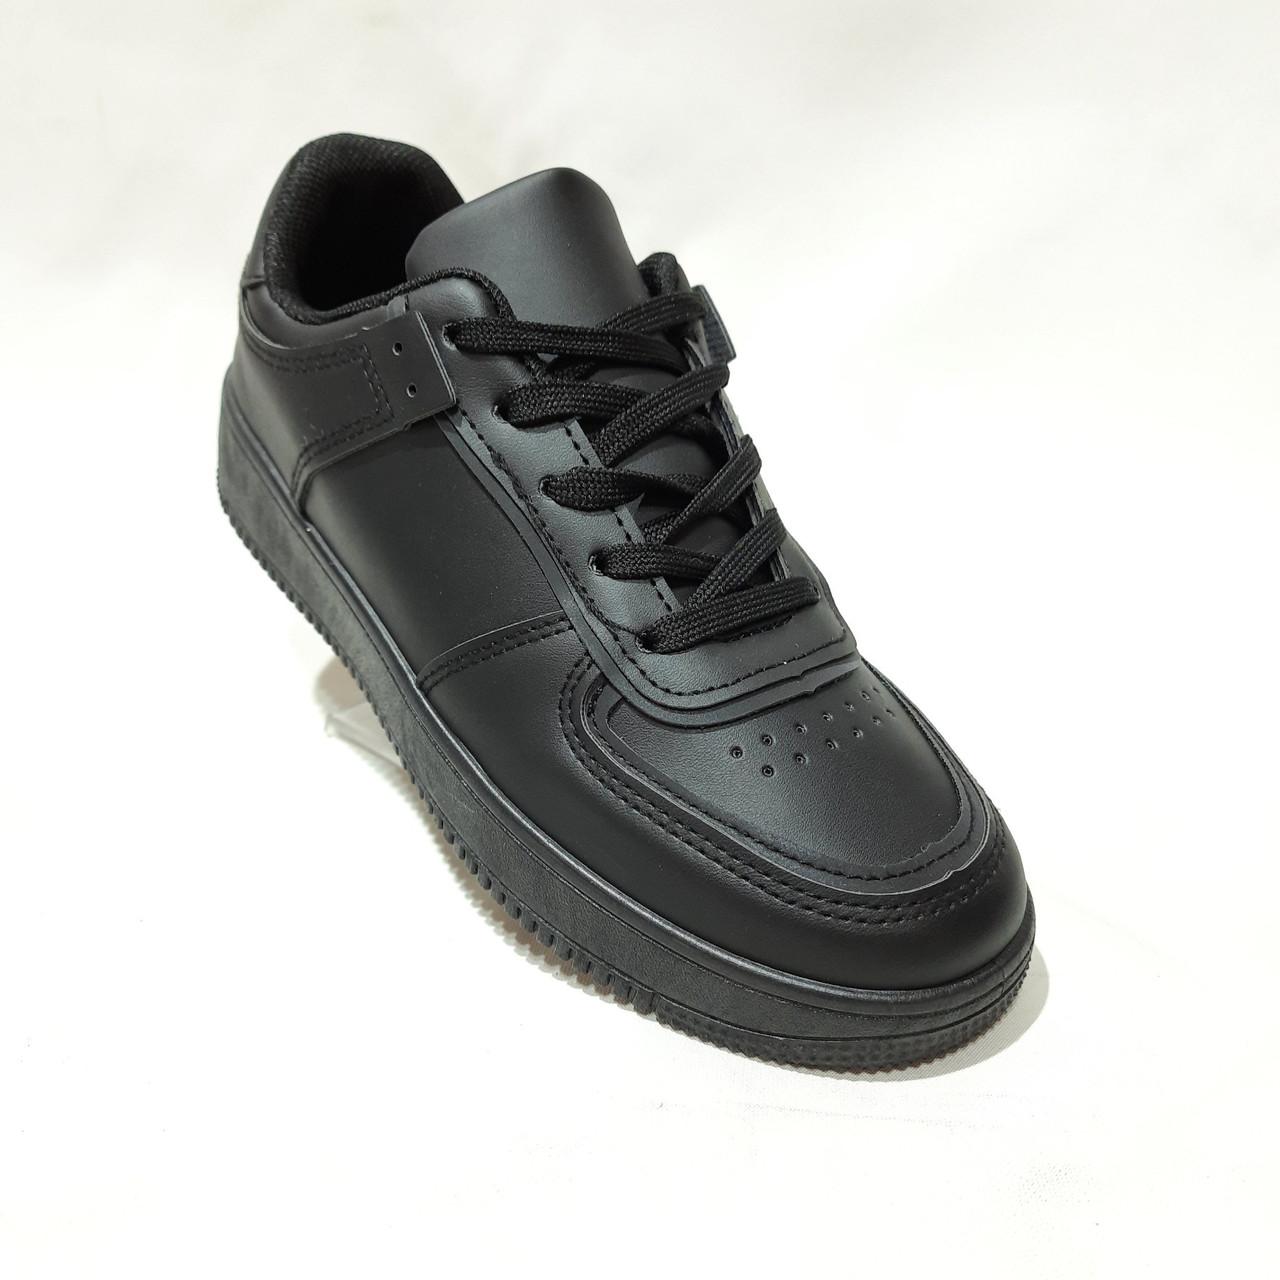 36,39 р Жіночі кросівки, кеди весняні з еко-шкіри в стилі Nike Air force Чорні